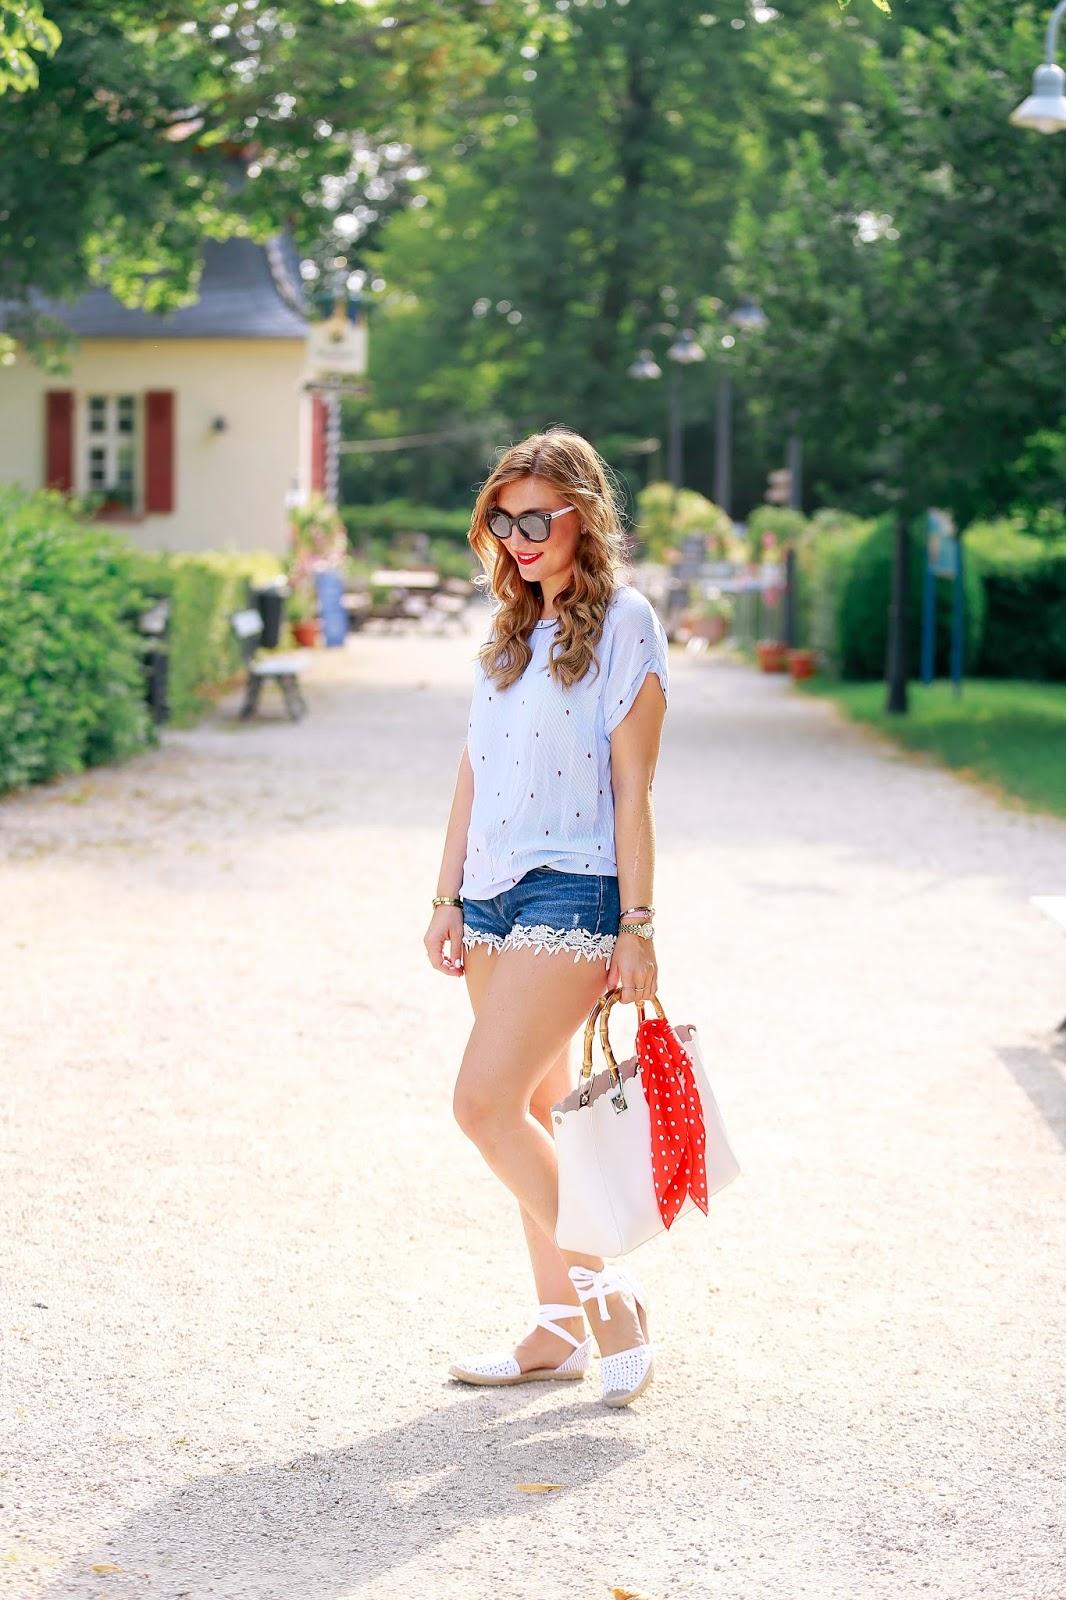 Blogger-aus-deutschland-deutsche-fashionblogger-Bloggerstyle-sommer